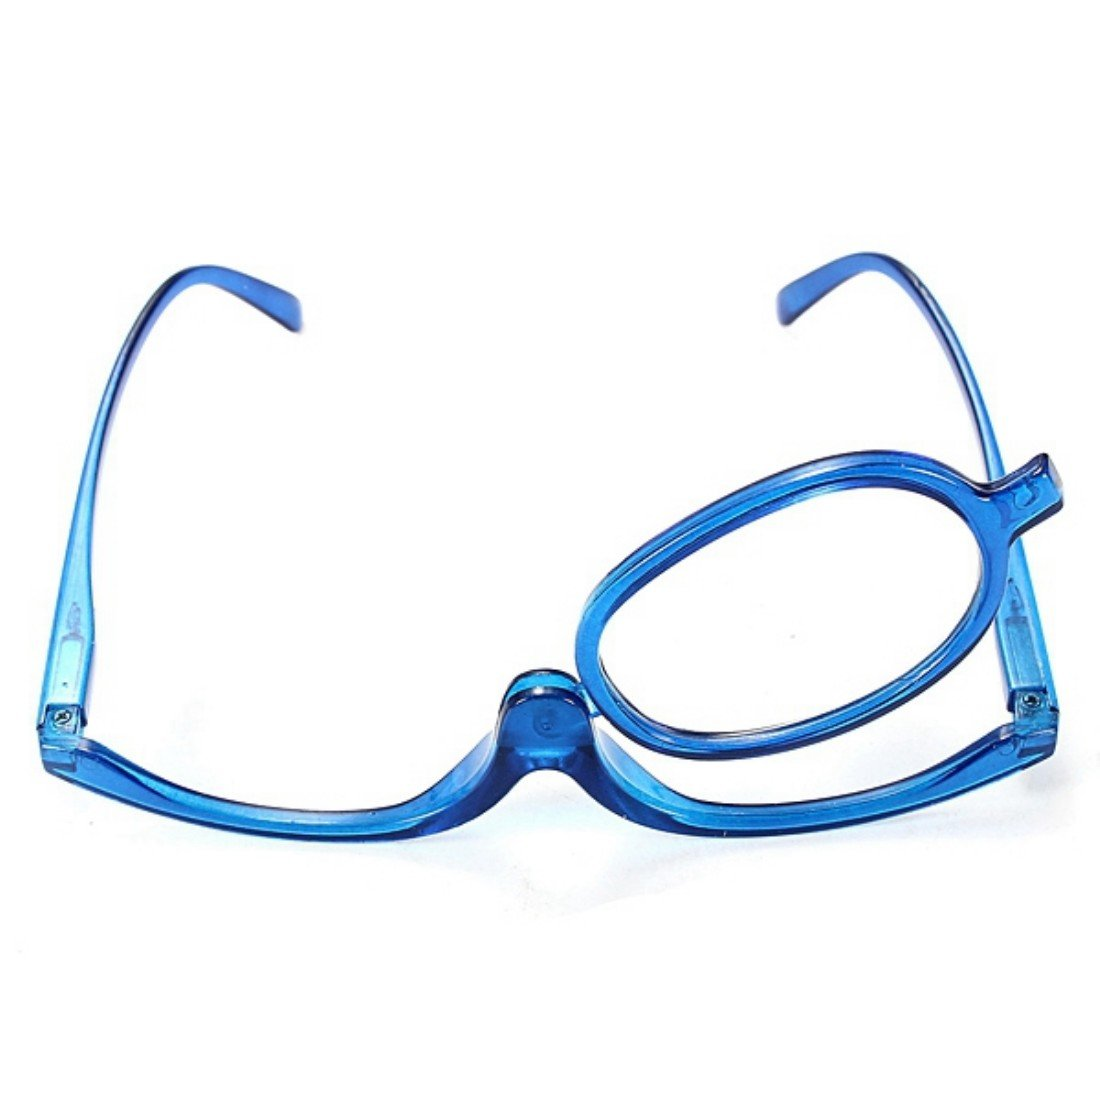 Levante y baje las gafas de maquillaje Color azul con lupa de lectura, plegable gafas de maquillaje y cosméticos Lupas cosméticas espejo Ungfu Mall